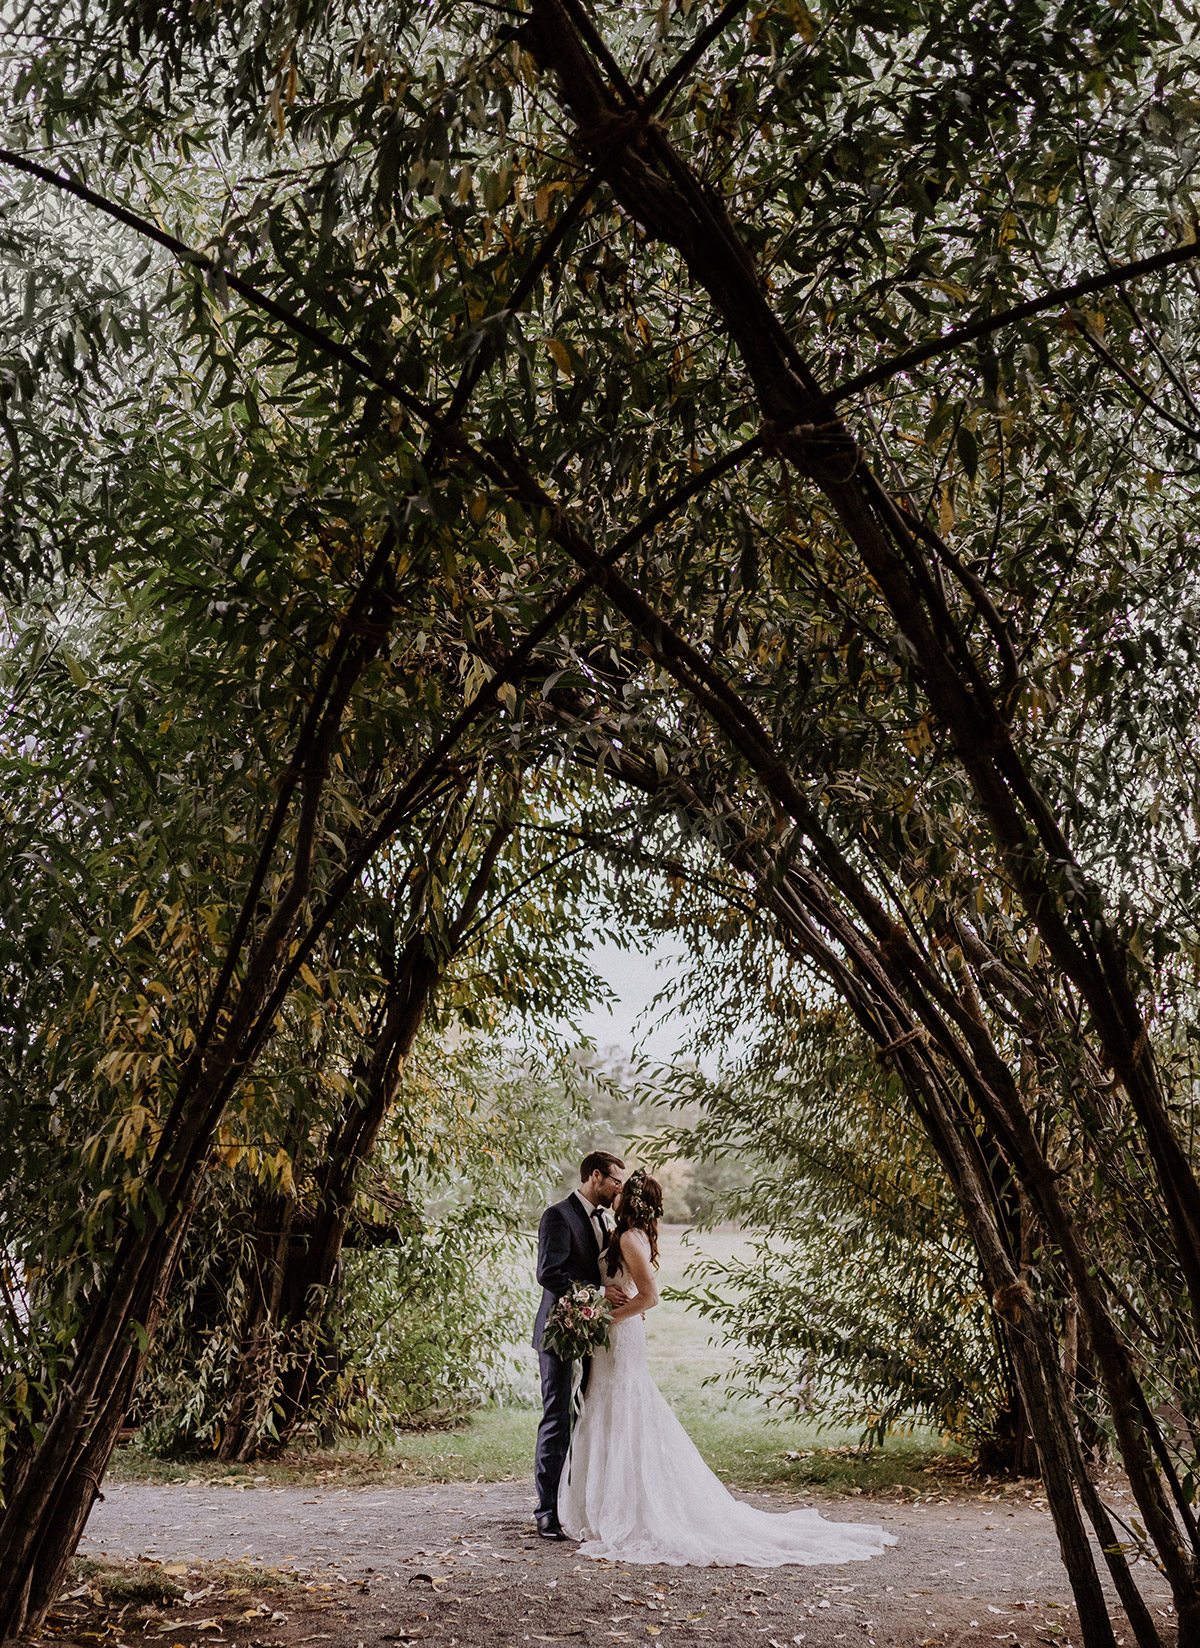 Hochzeit Weidendom - Spreewaldresort Seinerzeit Hochzeitsfotograf © www.hochzeitslicht.de